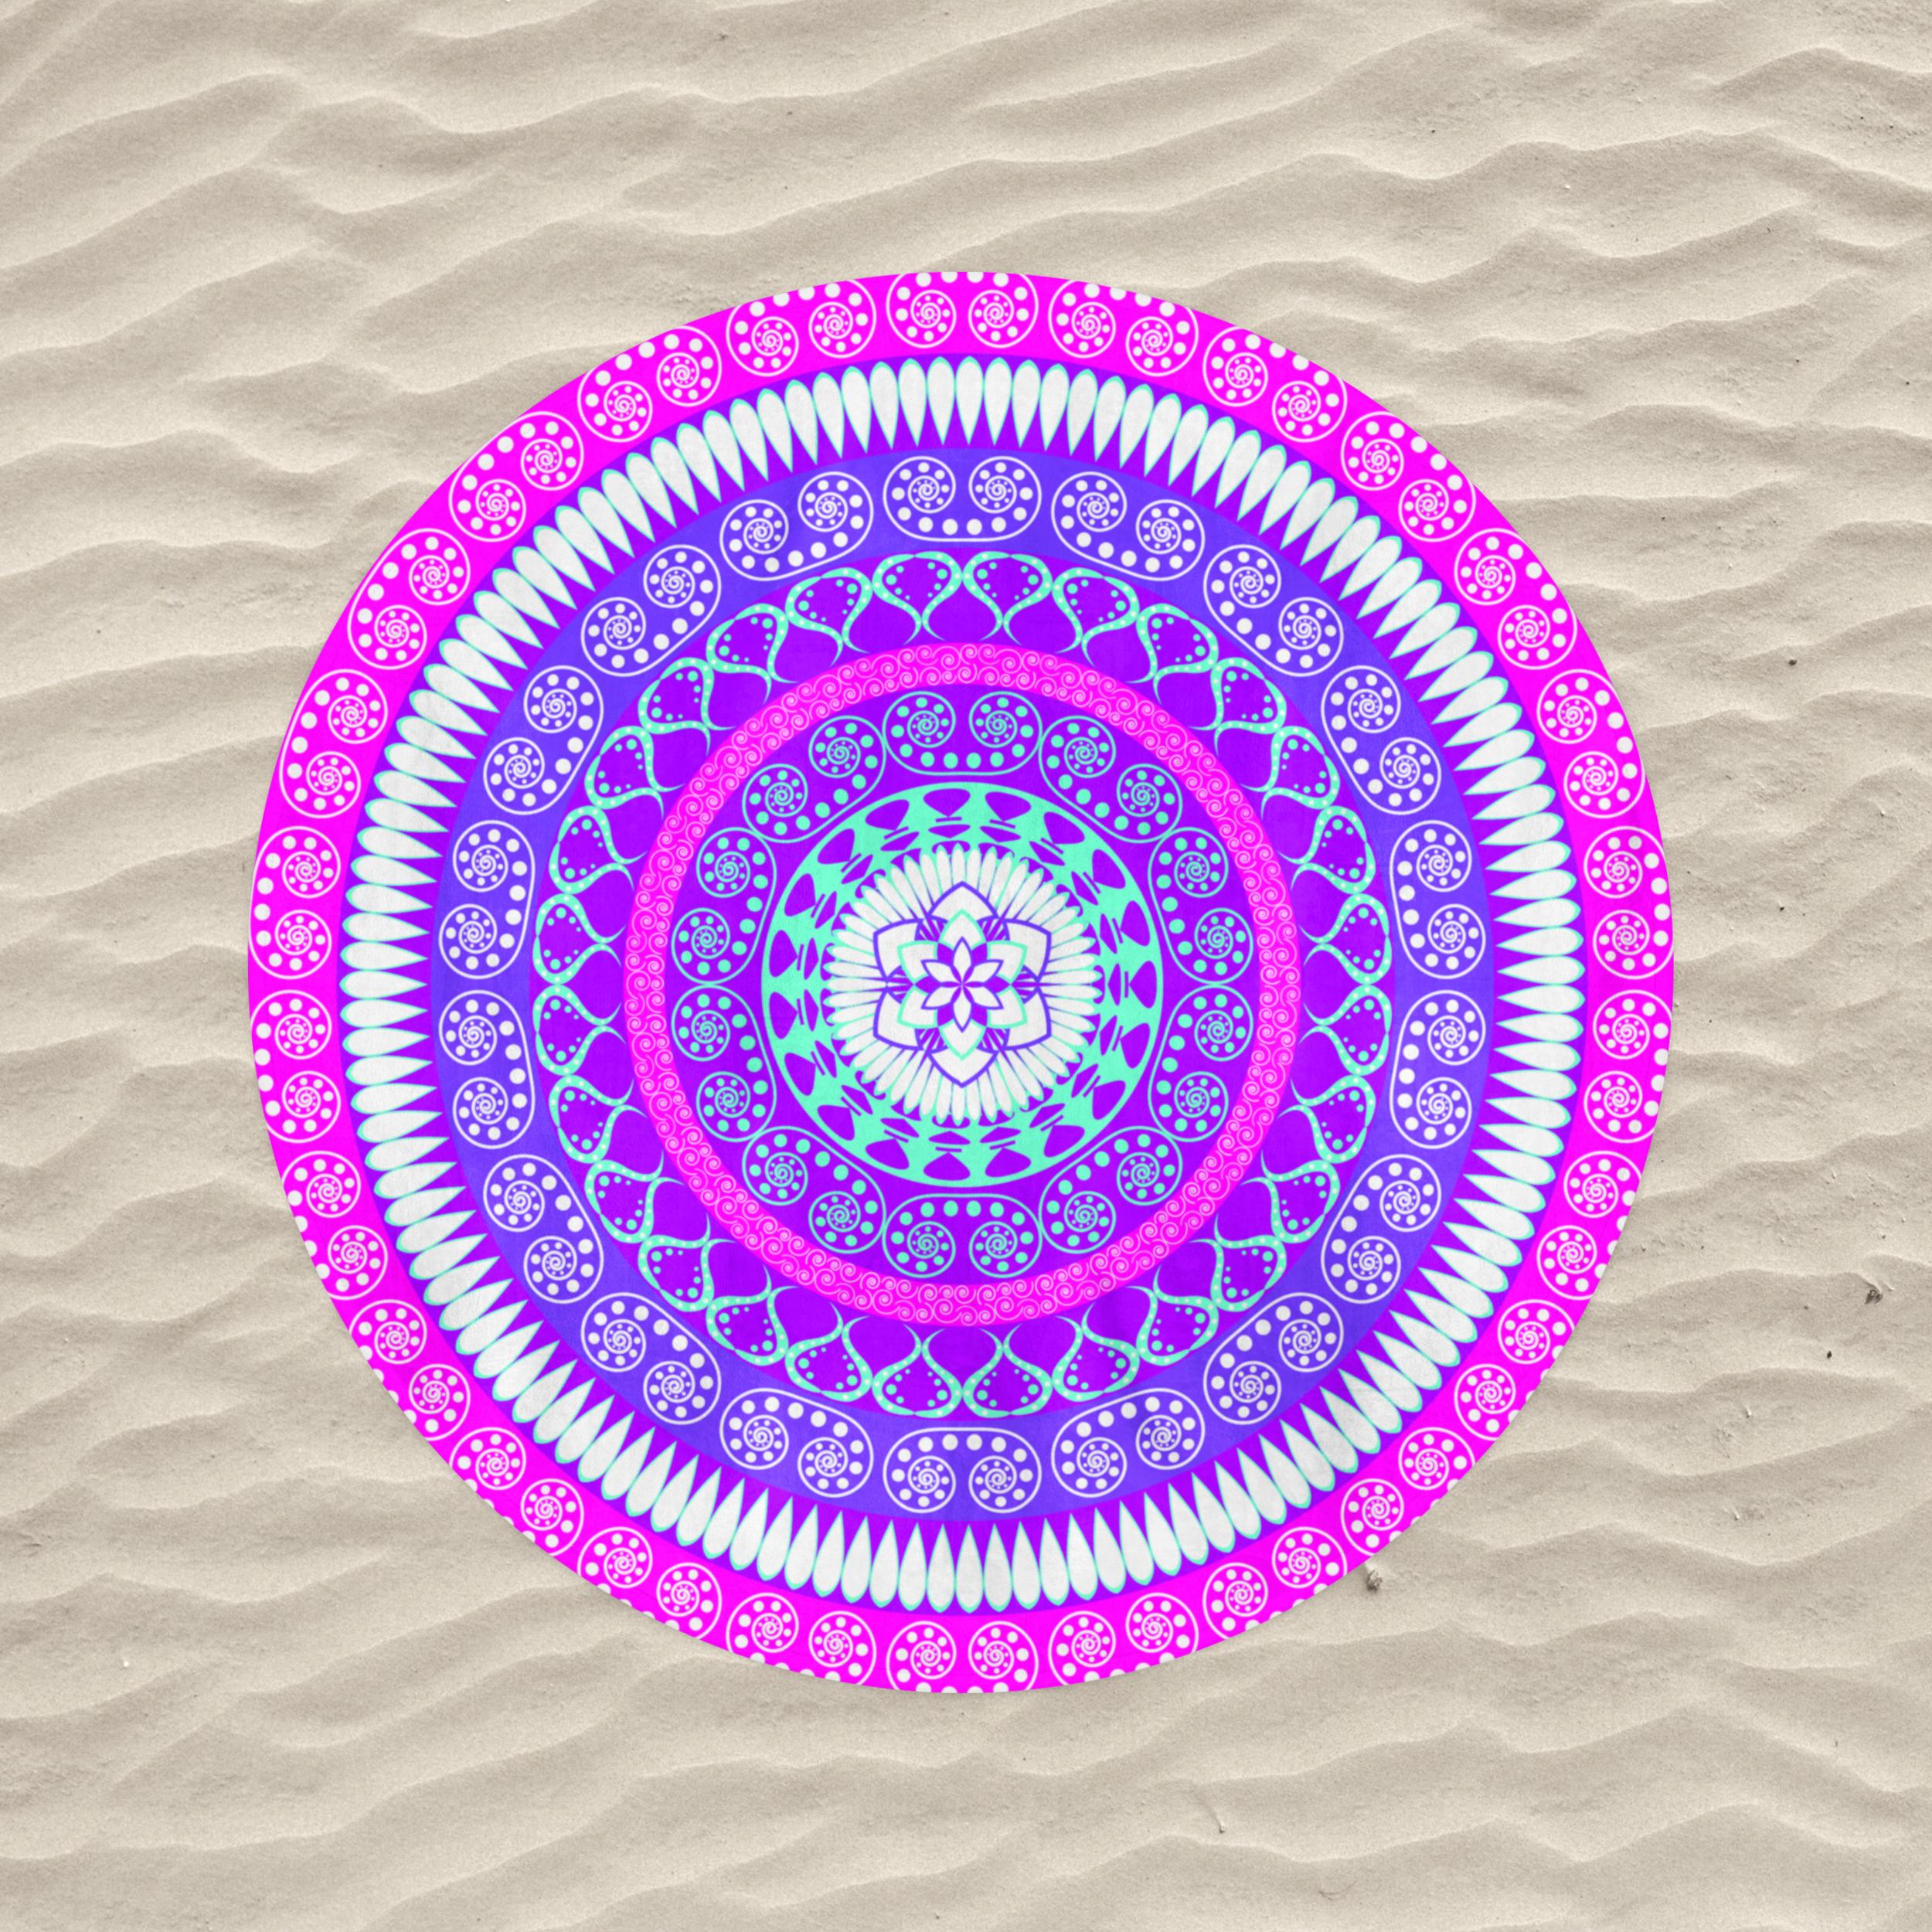 hgtpr8